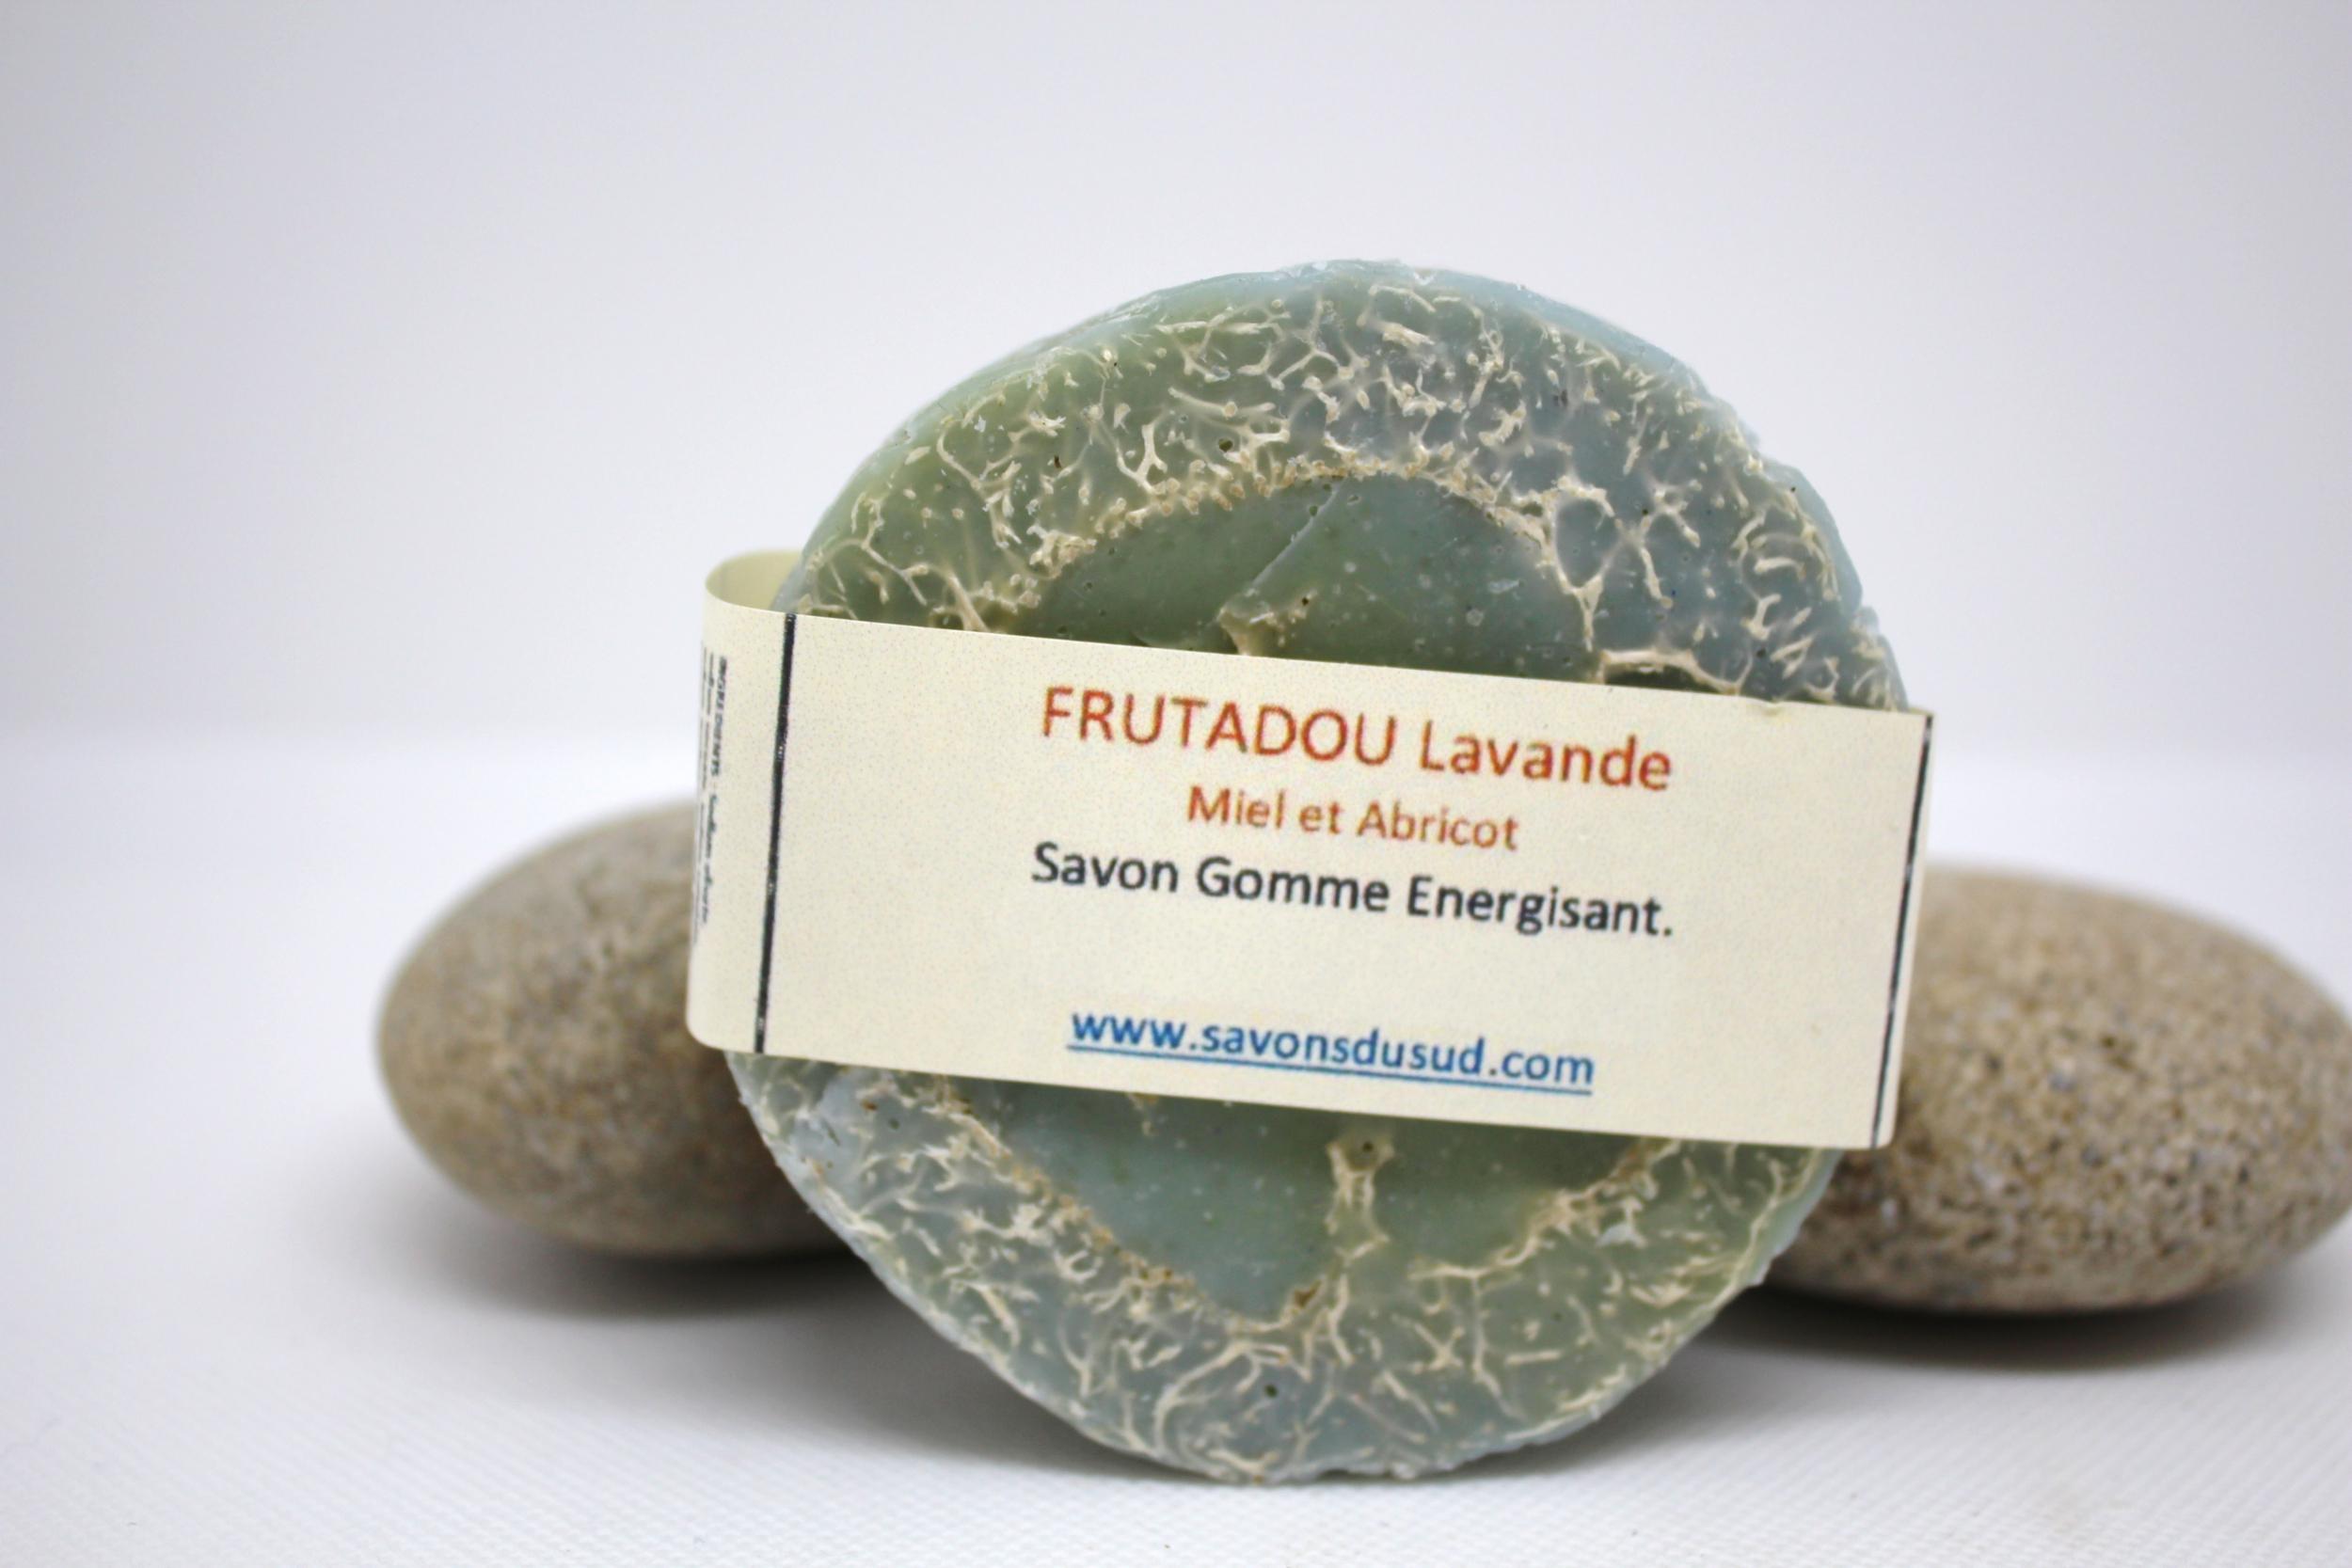 Frutadou Lavande Fine Miel Abricot